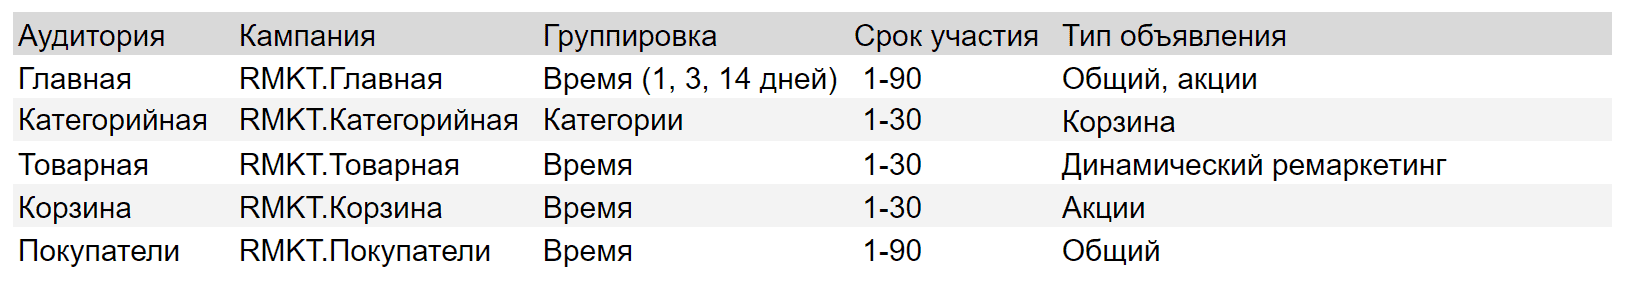 struktura-objavlenij.png